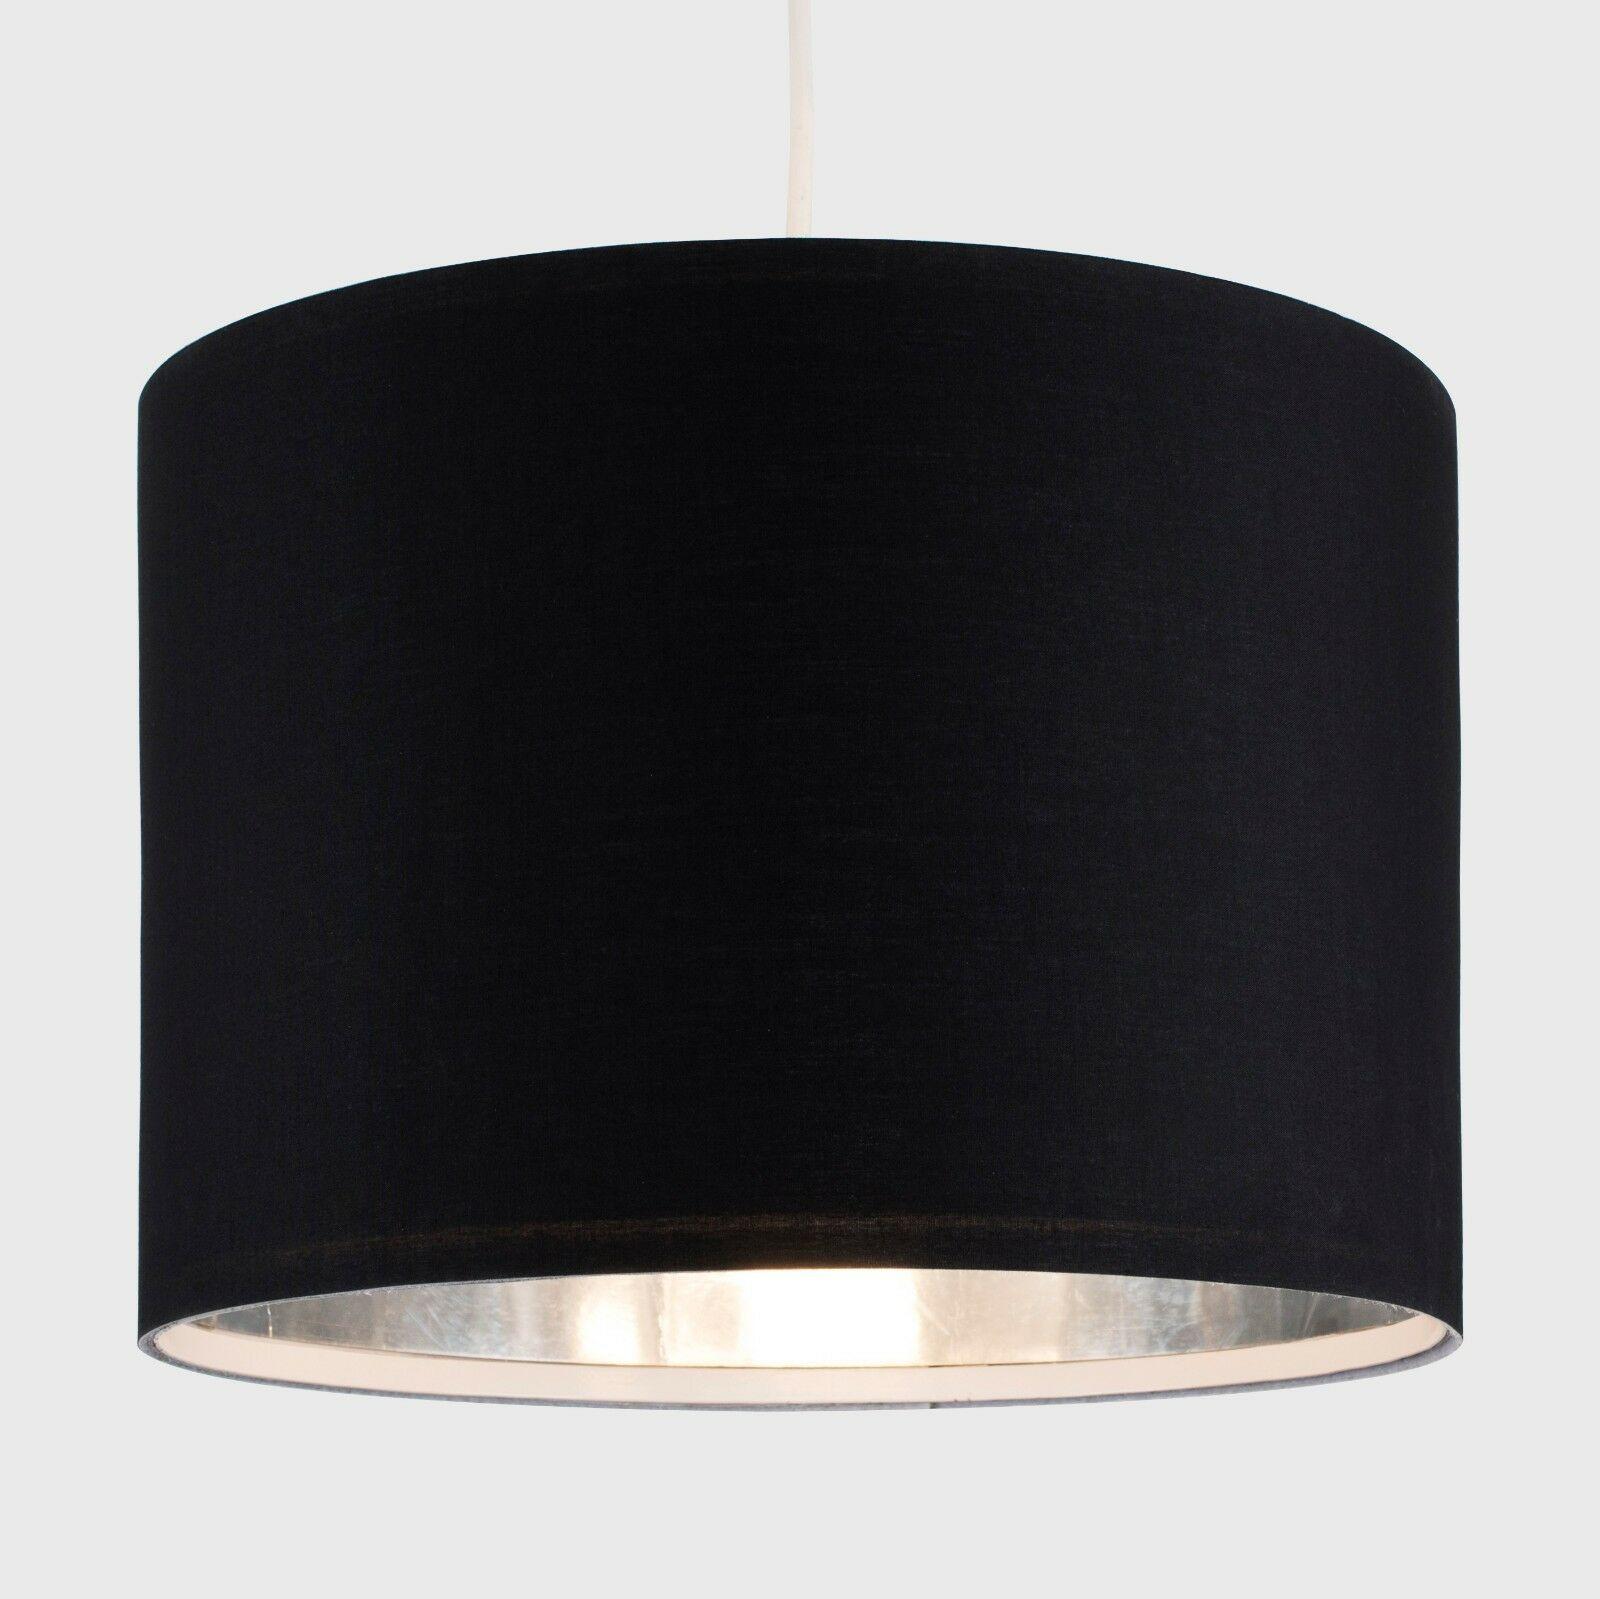 Modern-in-tessuto-cotone-Easy-Fit-Soffitto-Ciondolo-Luce-a-tamburo-Tonalita-Tavolo-Paralume miniatura 24